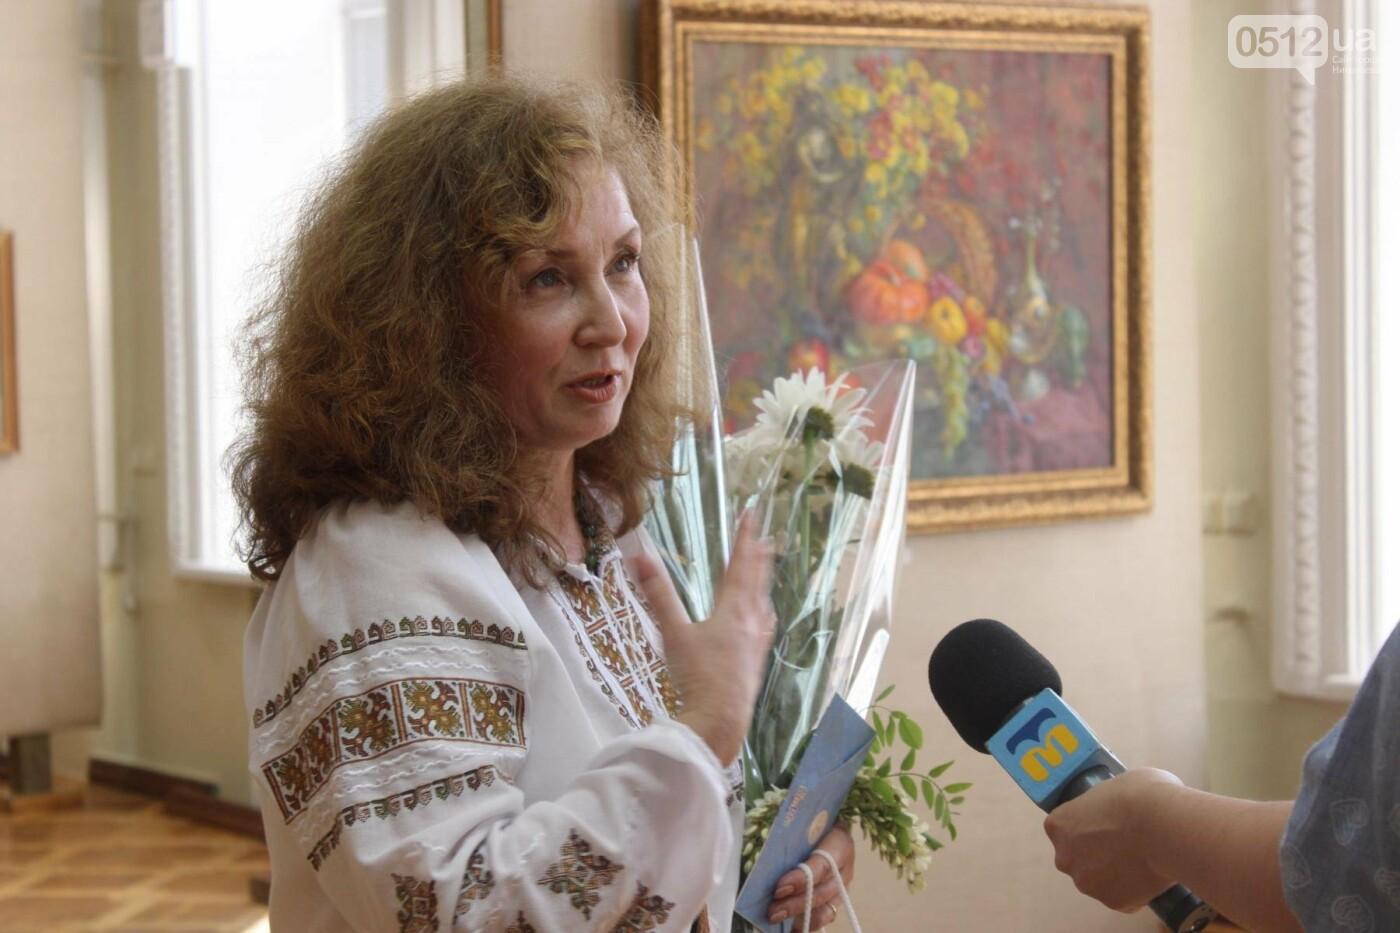 Николаевская художница Светлана Завтура презентовала свою юбилейную выставку, - ФОТО, фото-2